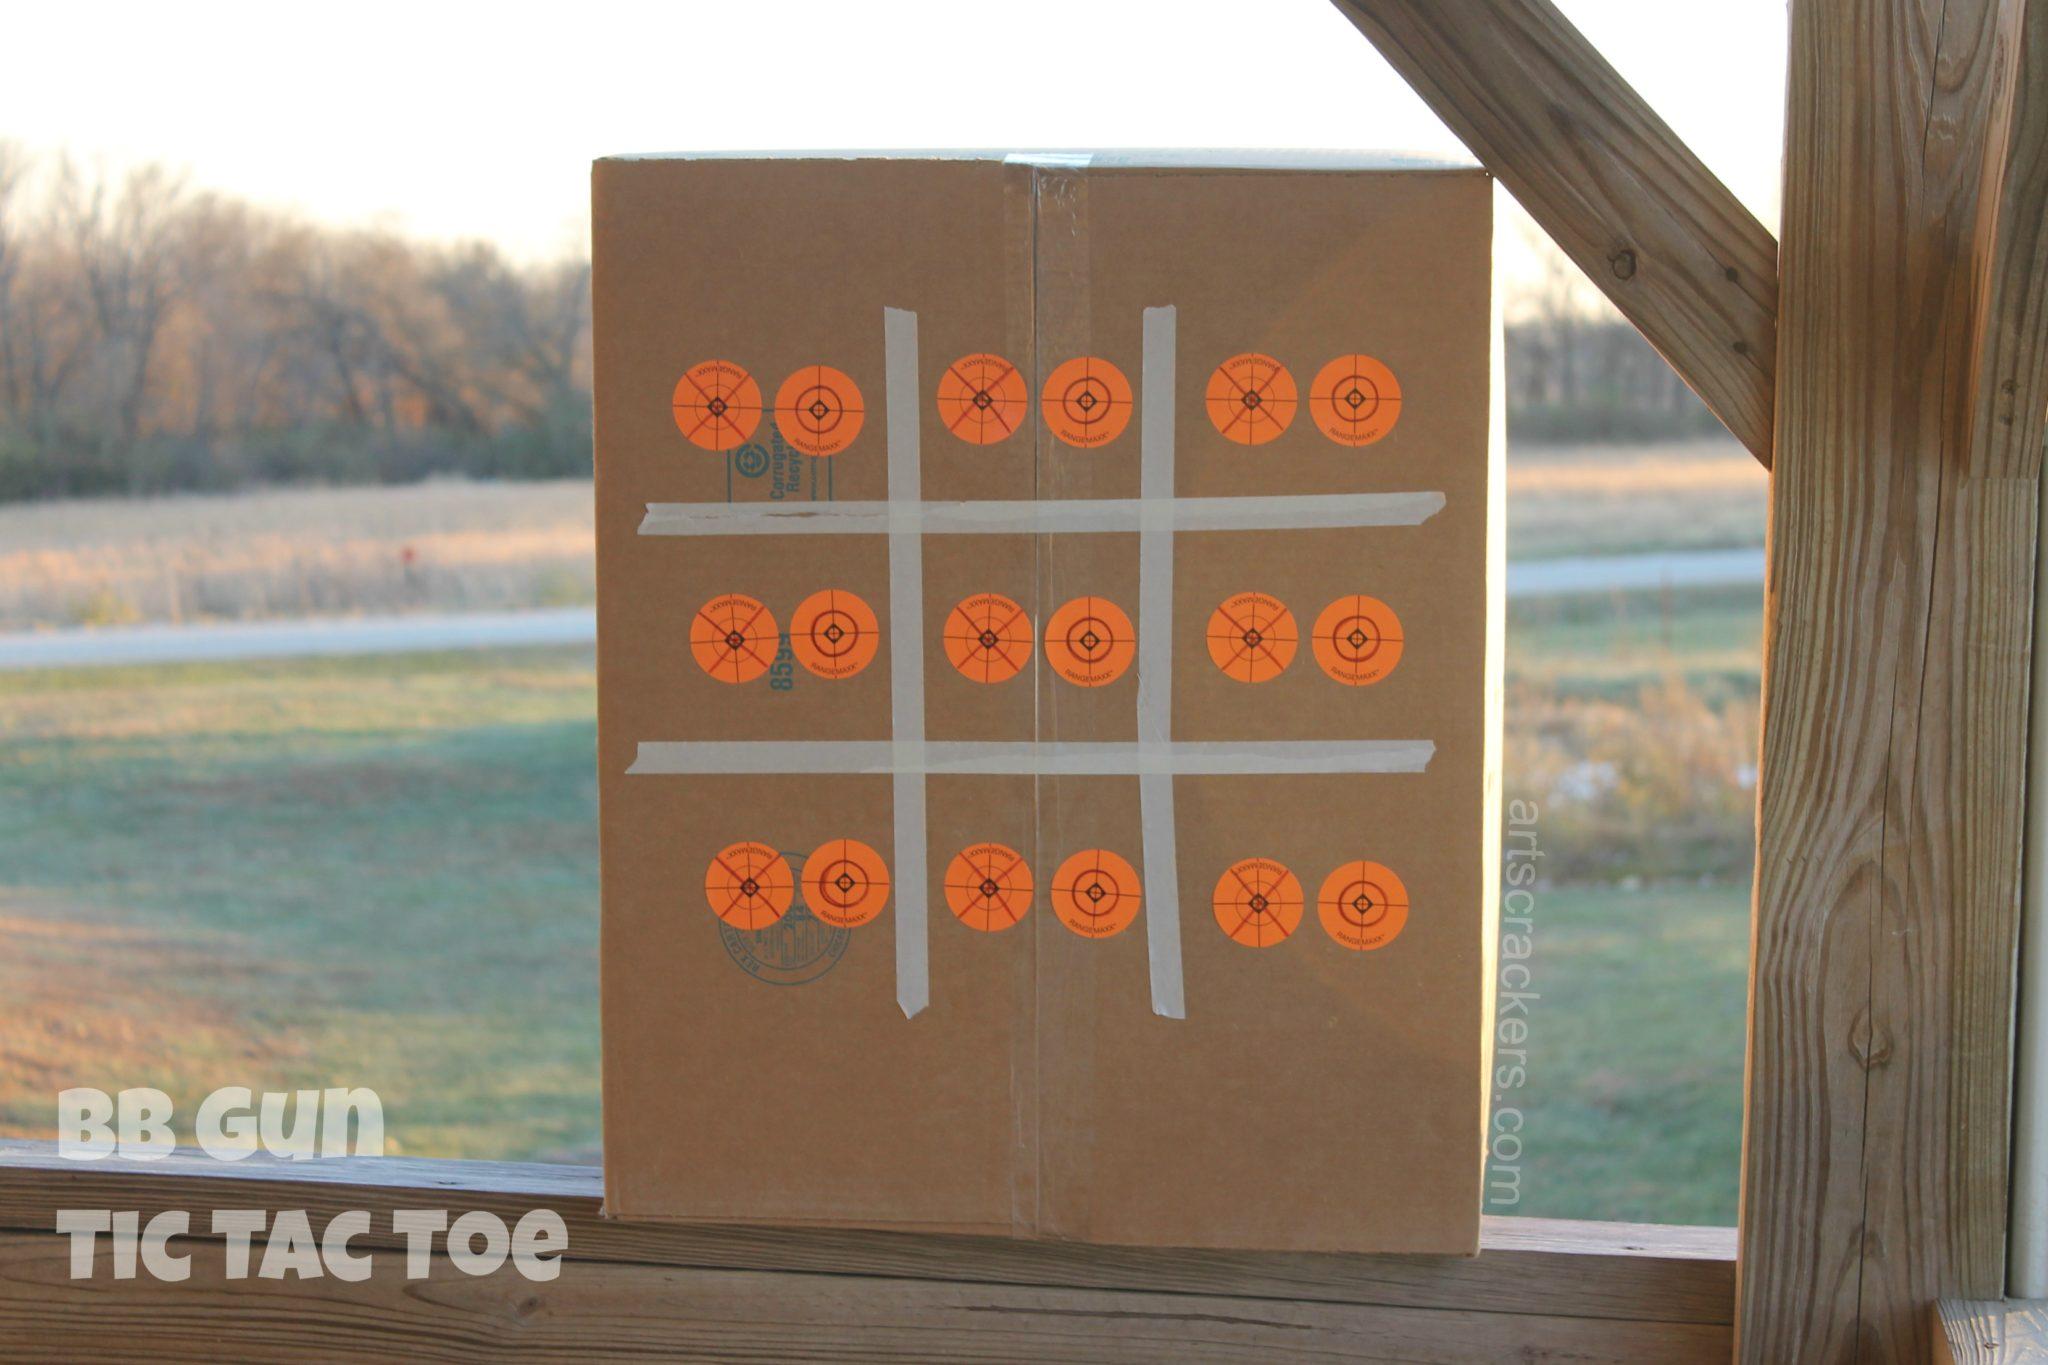 BB Gun Tic Tac Toe Target